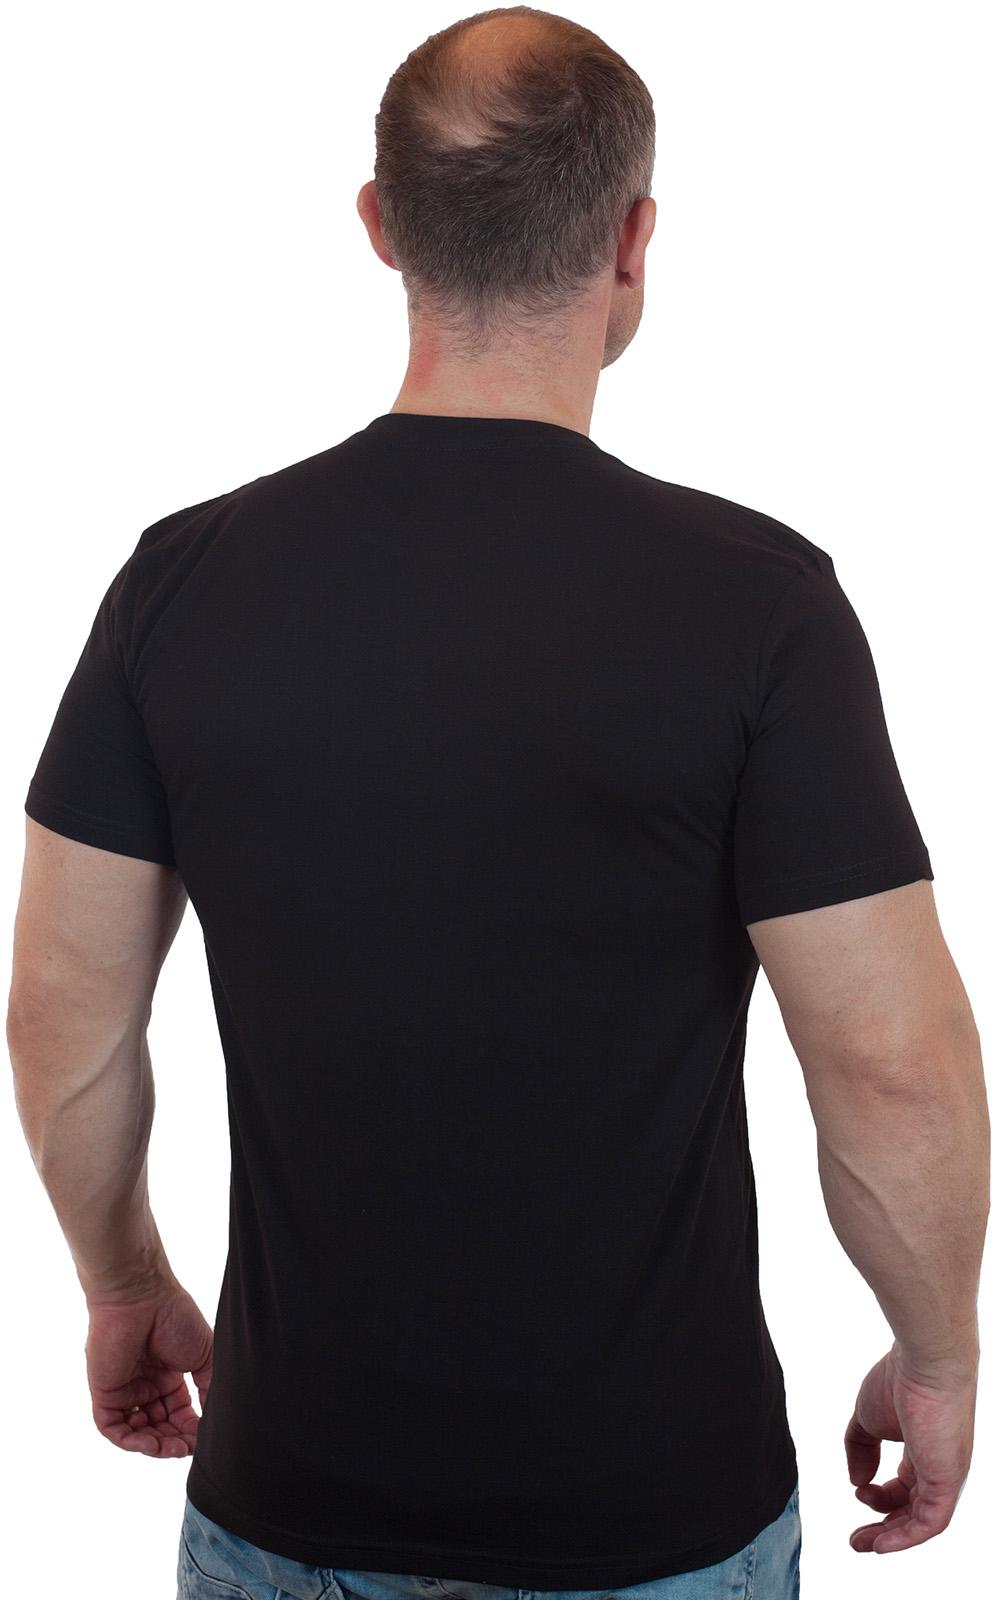 Черная мужская футболка с эмблемой ГСВГ - купить оптом